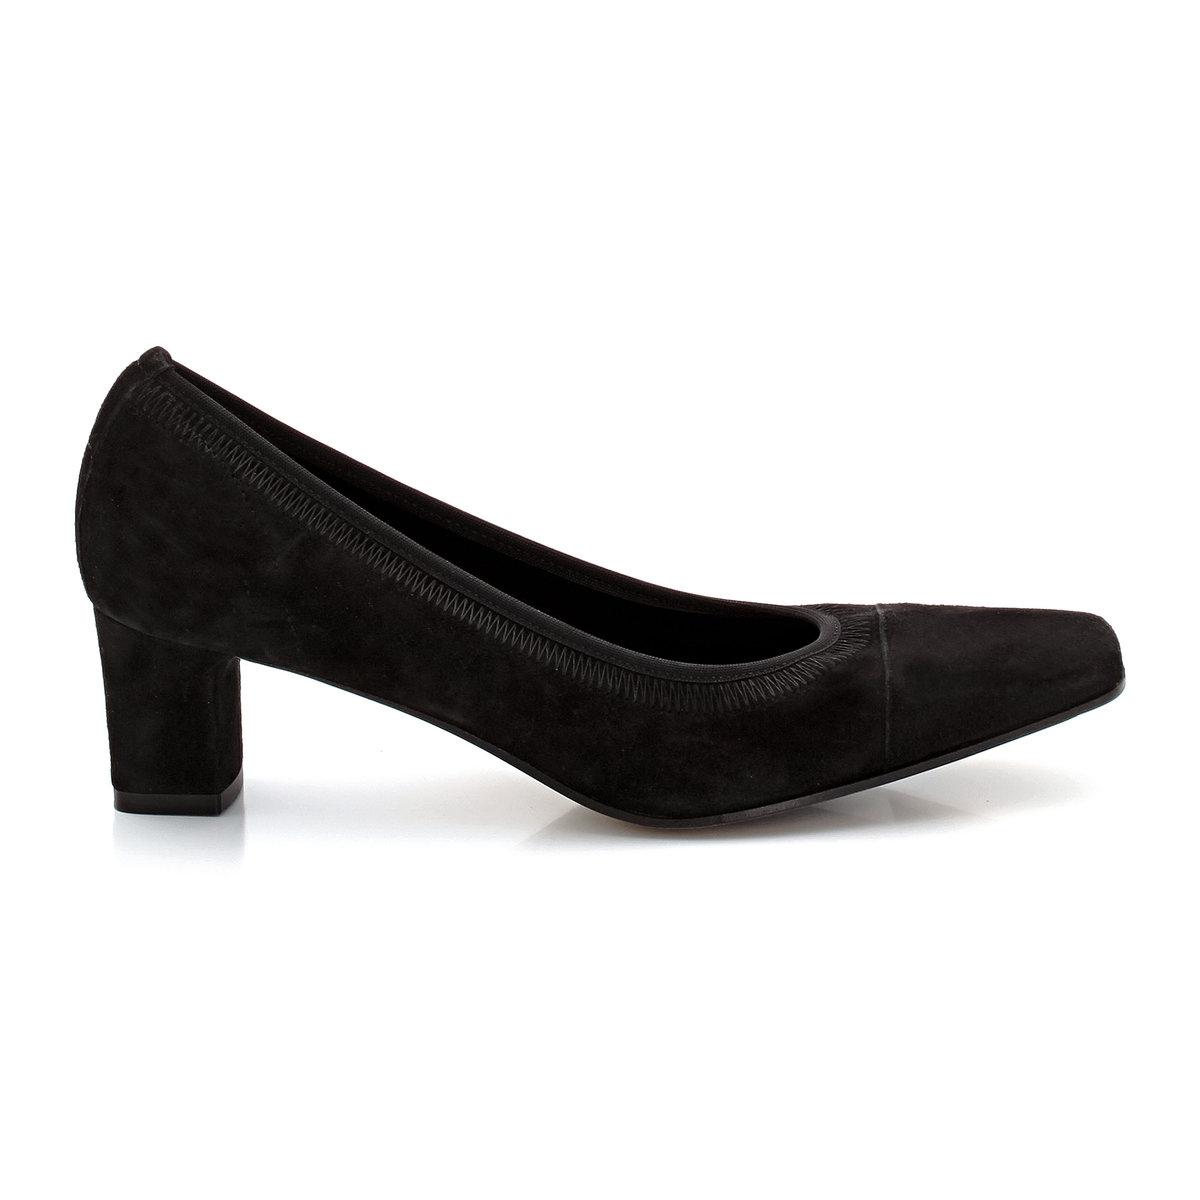 Туфли из кожи-велюр ERES от ELIZABETH STUARTТуфли, модель ERES от ELIZABETH STUARTВерх  : велюровая козья кожа.Подкладка  : текстиль. Подошва  : кожа. Высота каблука  : 5 см.<br><br>Цвет: черный<br>Размер: 39